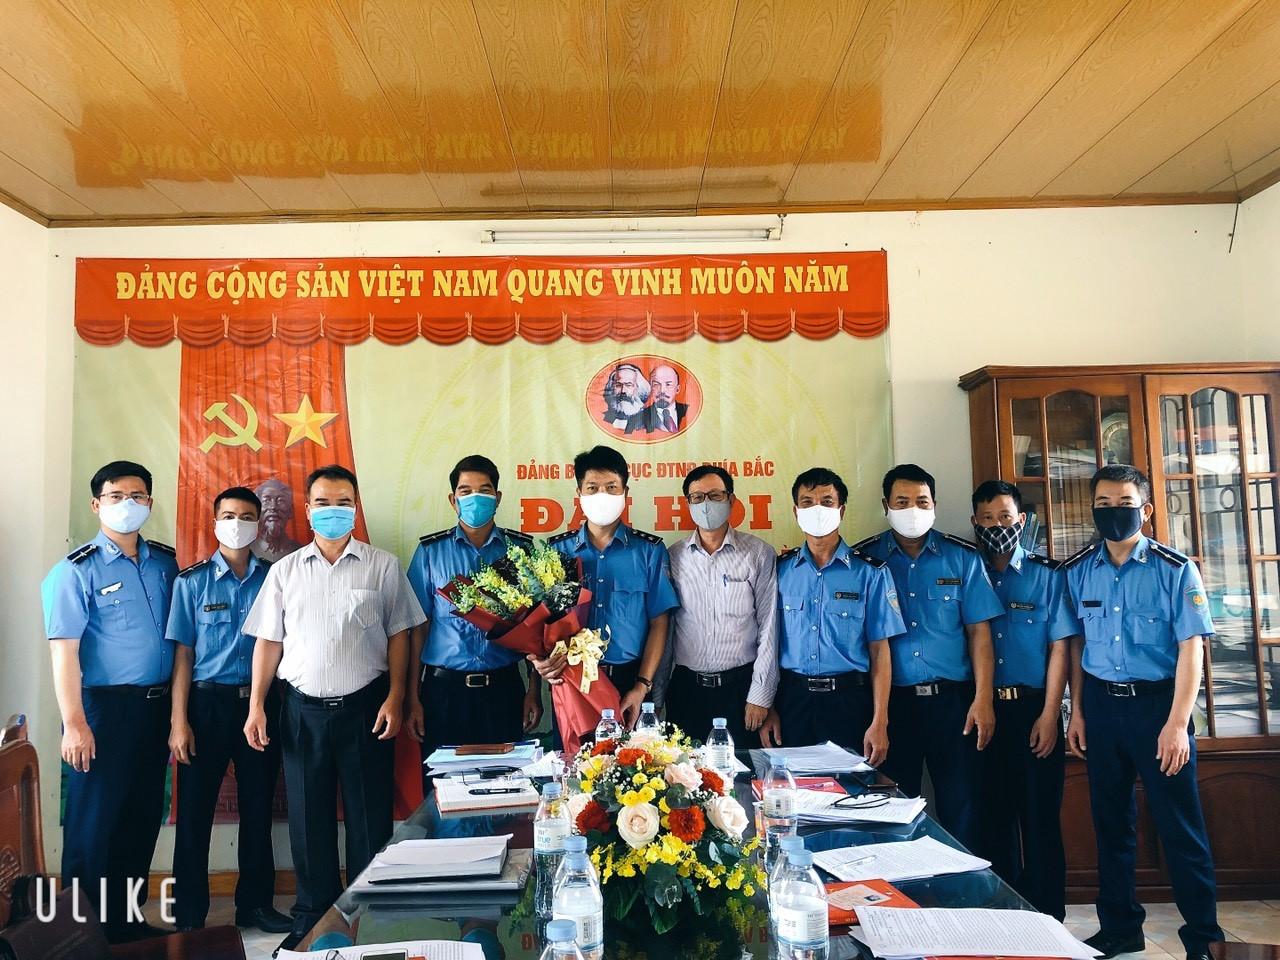 Chi bộ Đội Thanh tra - An toàn số 2 tổ chức Đại hội Chi bộ nhiệm kỳ 2020 - 2022